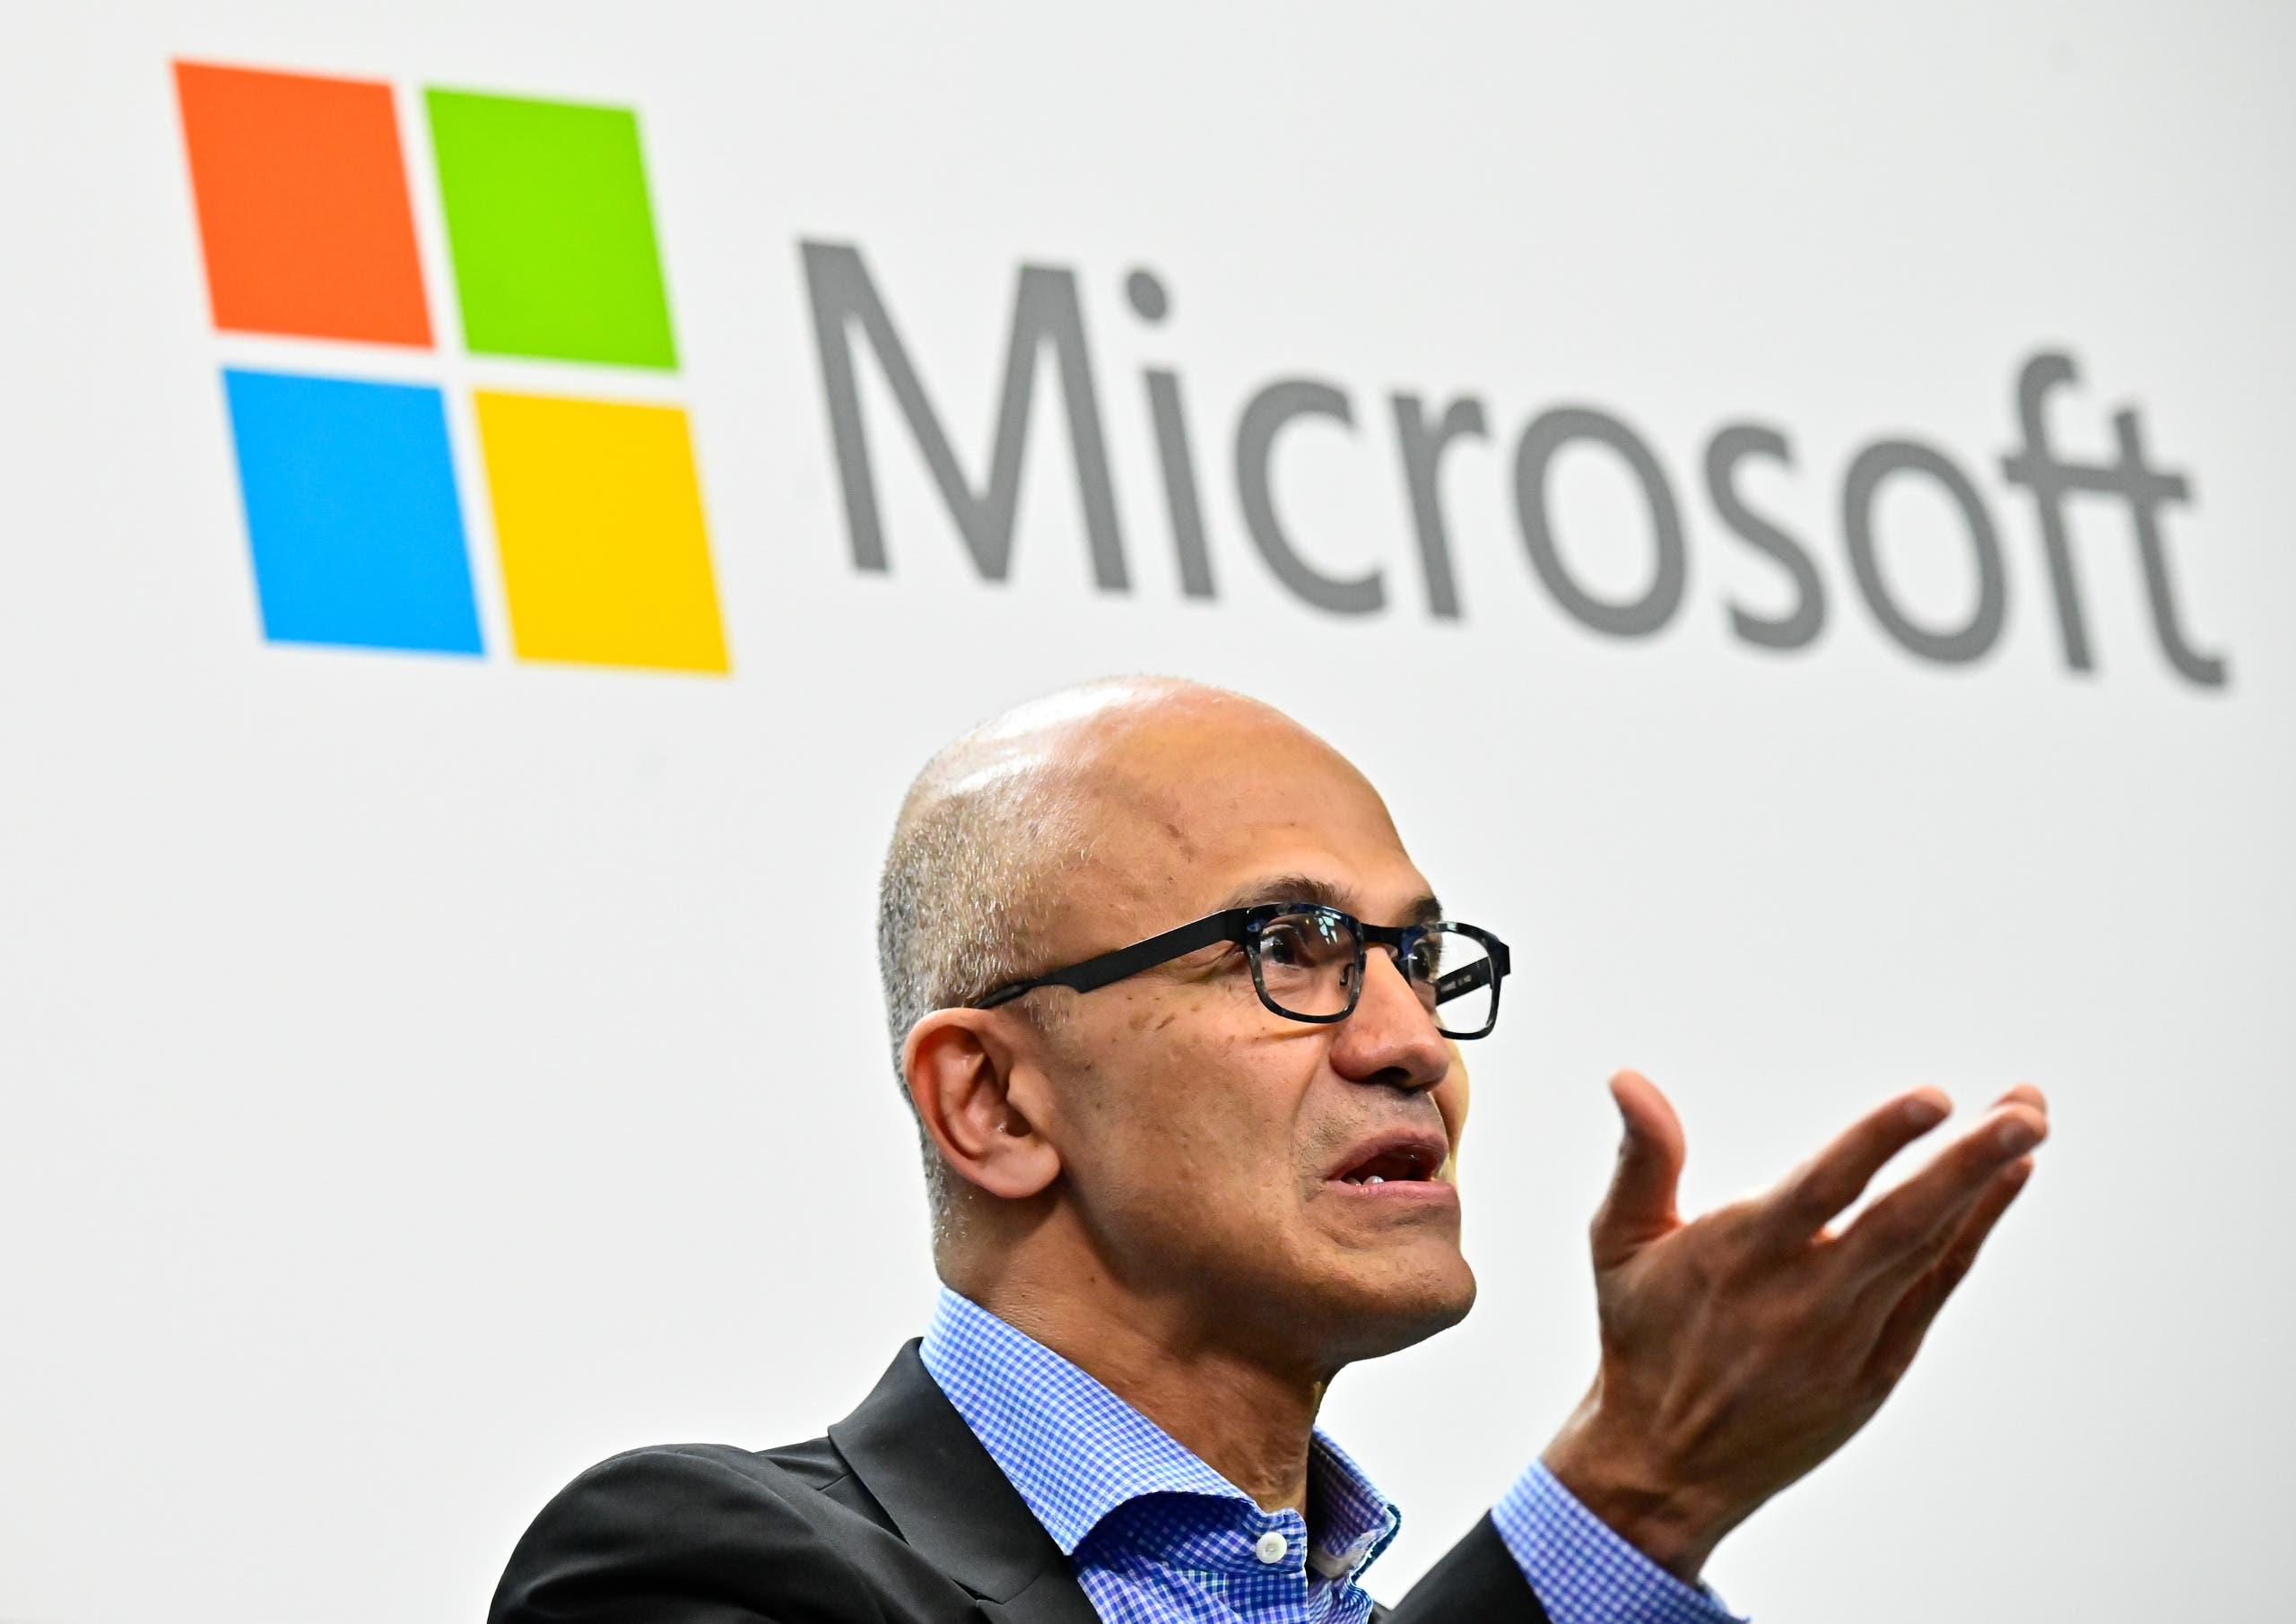 Microsoft CEO Satya Narayana Nadella. (AFP)